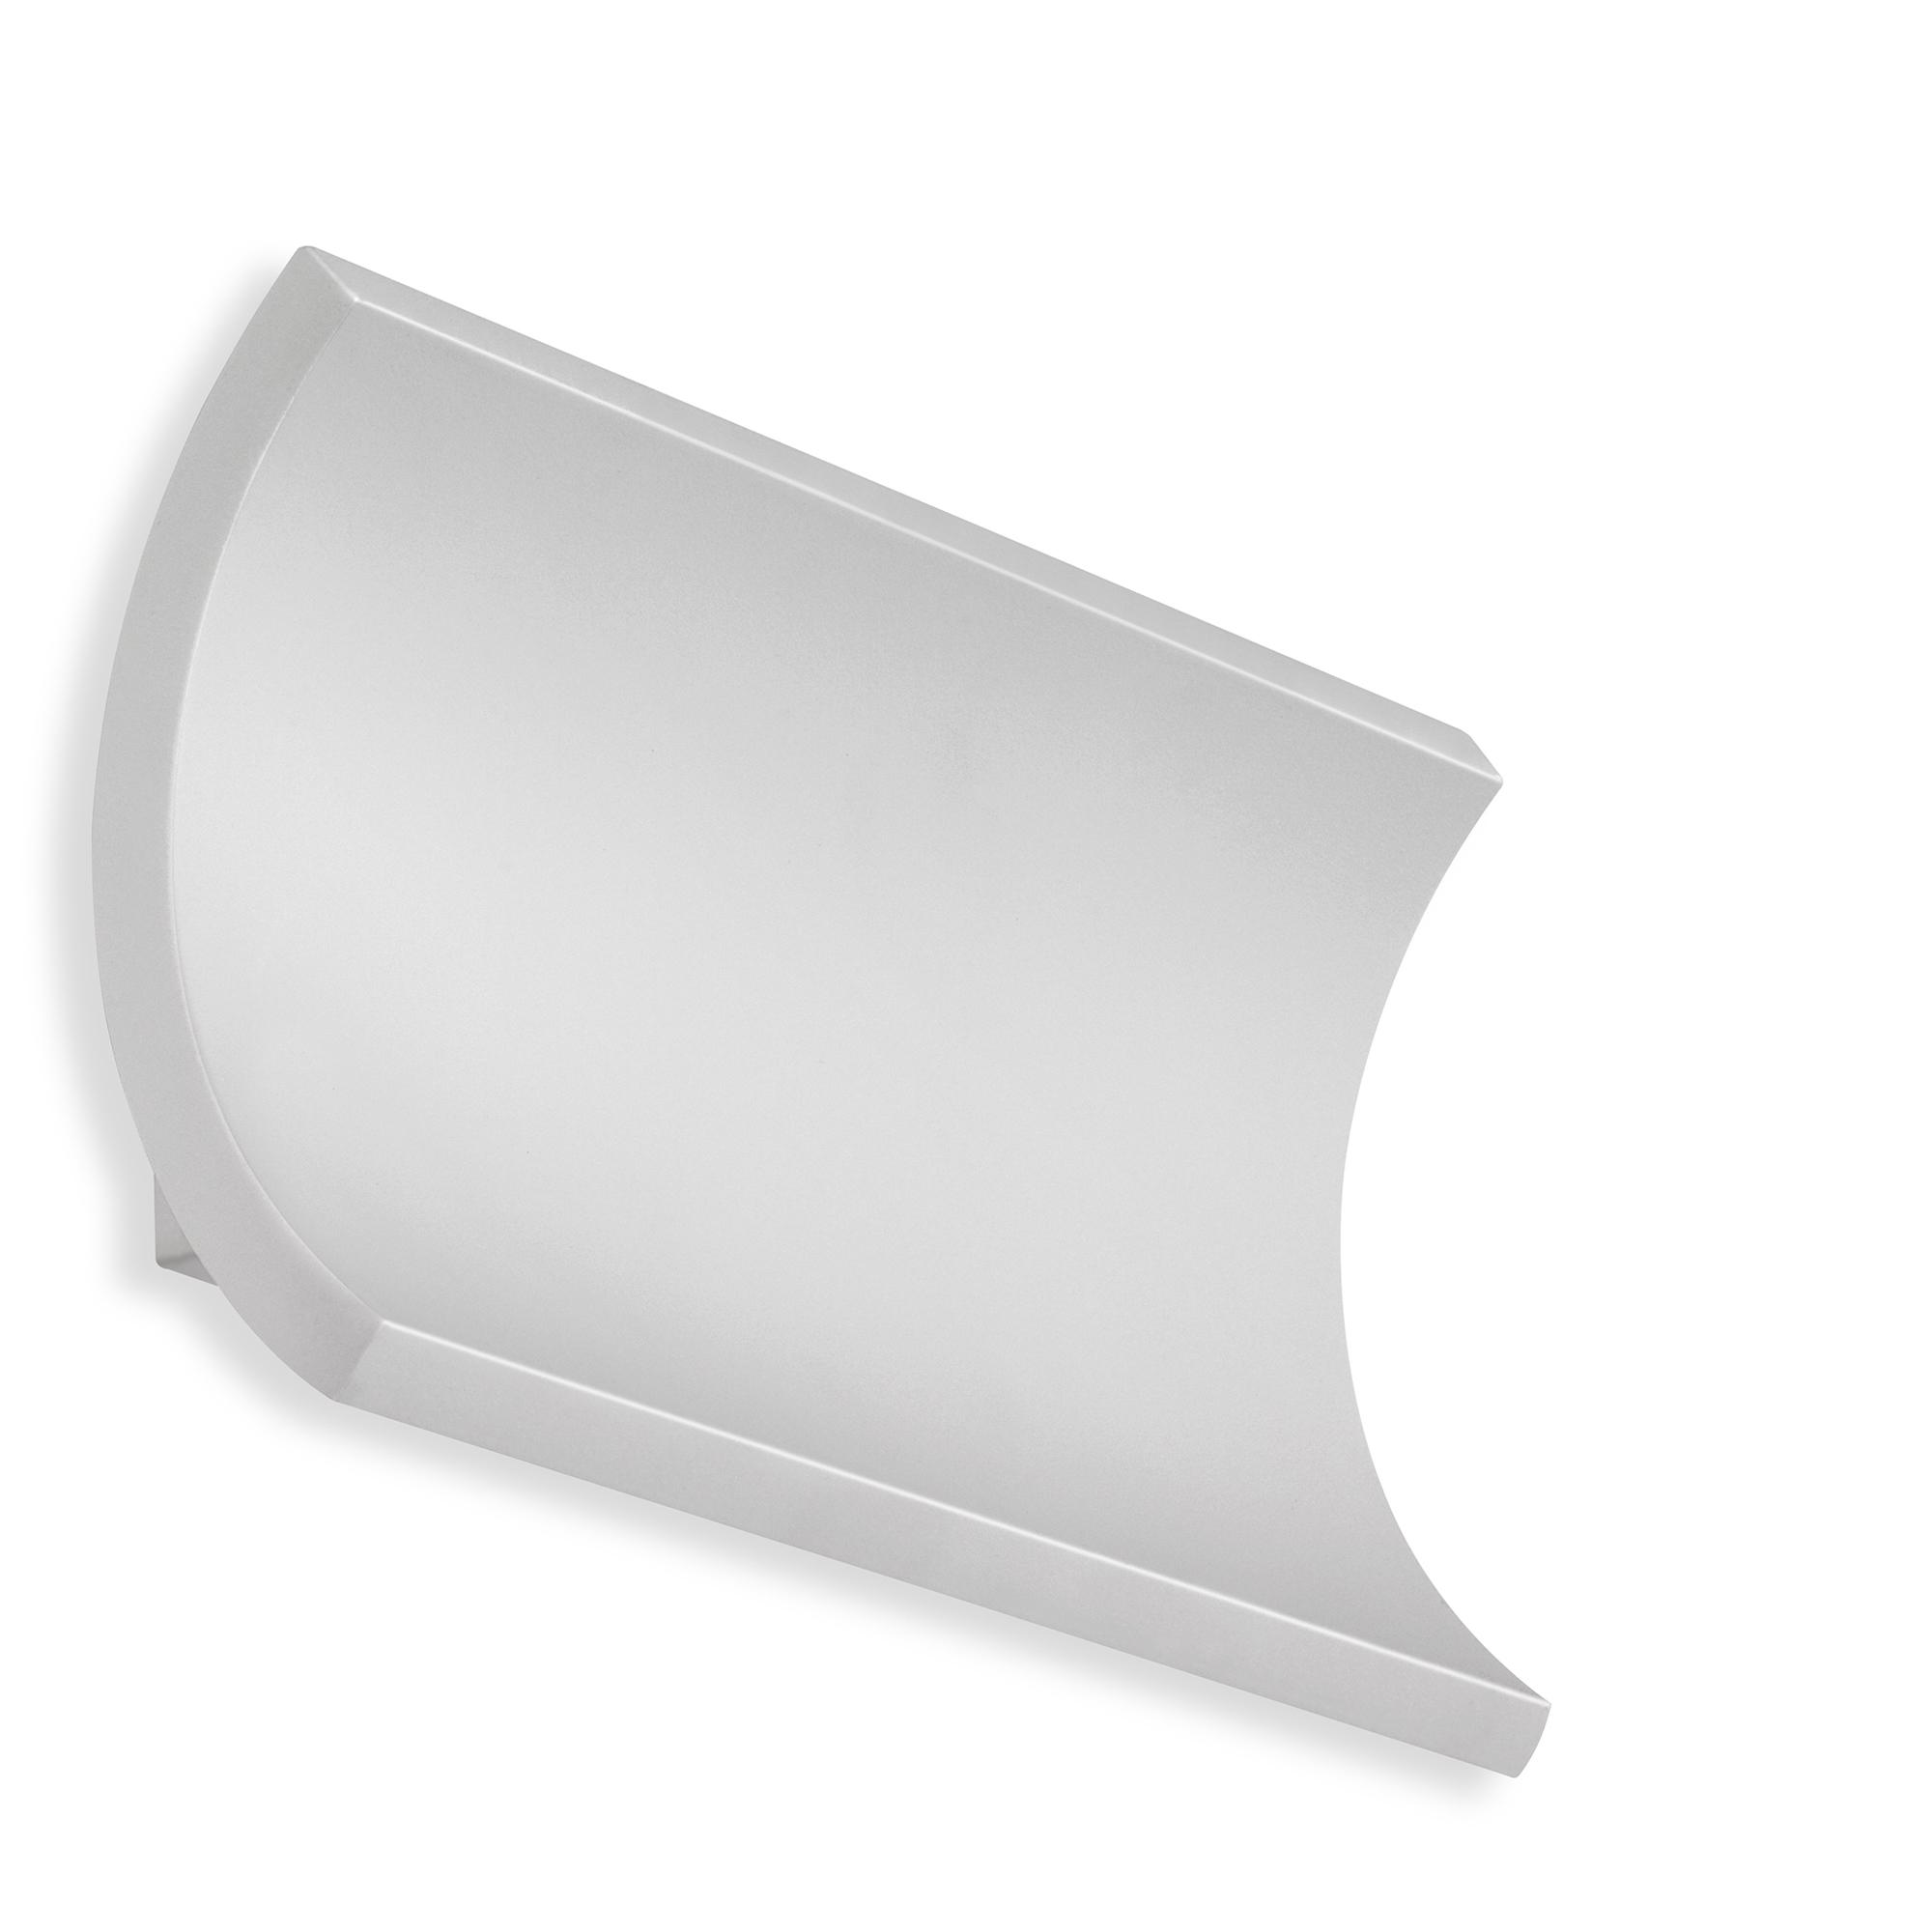 TELEFUNKEN LED Außenwandleuchte, 19,7 cm, 12 W, Silber